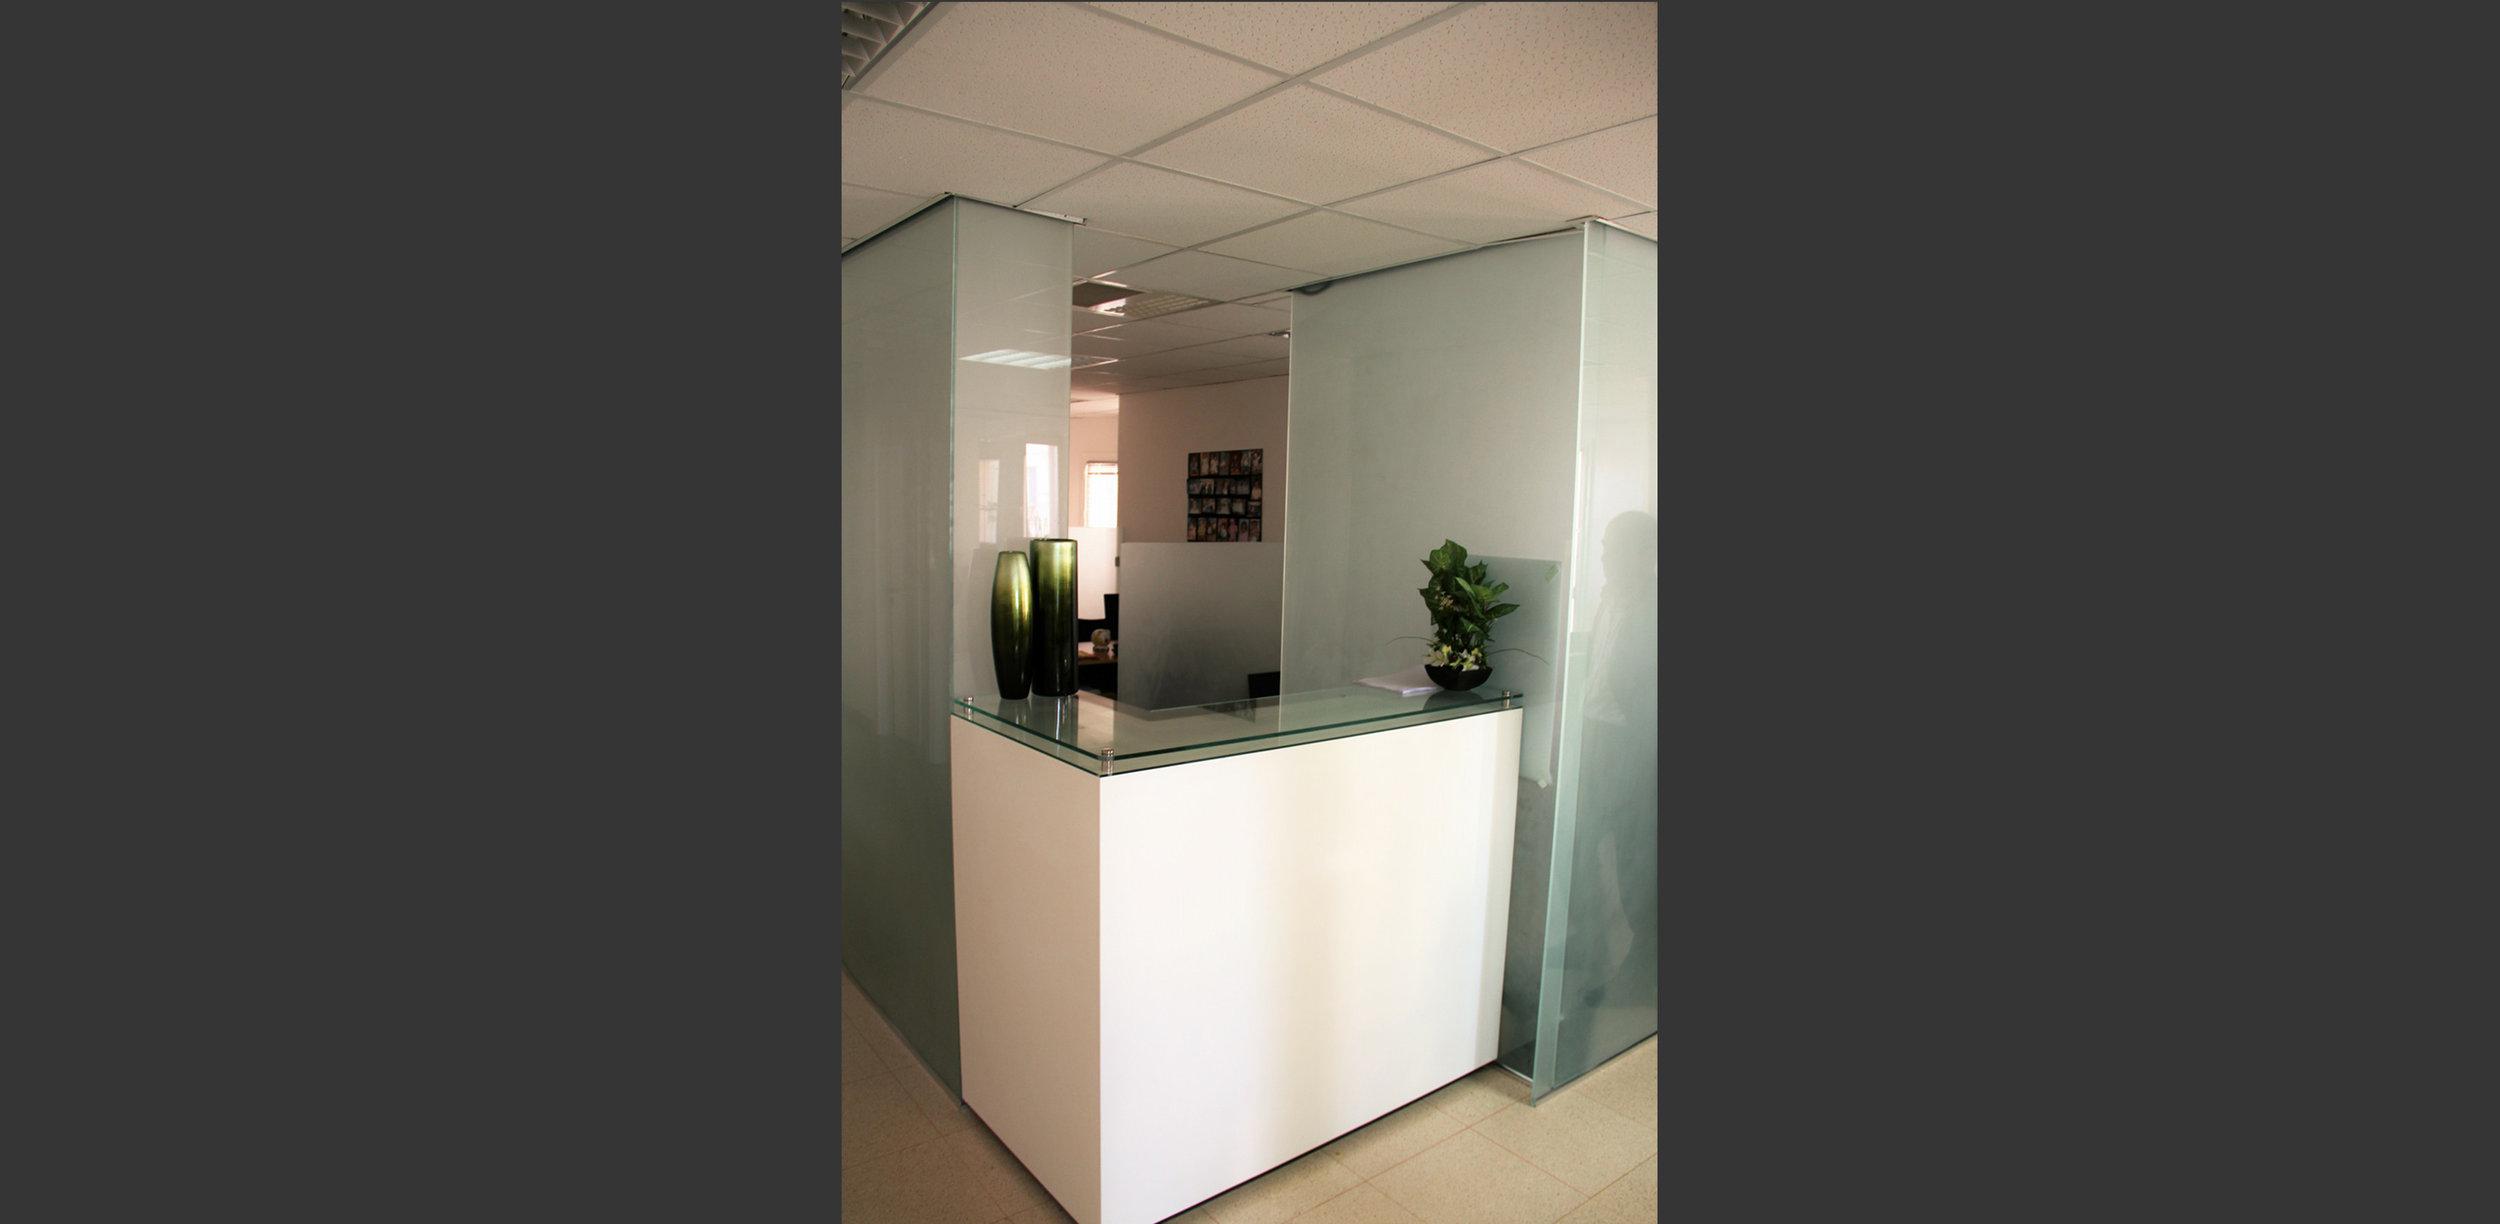 desk d'accueil Clinique fécondation in-vitro Tiziri Alger. Atelier Messaoudi architecture aménagement et design. Bureau d'étude Algérie.